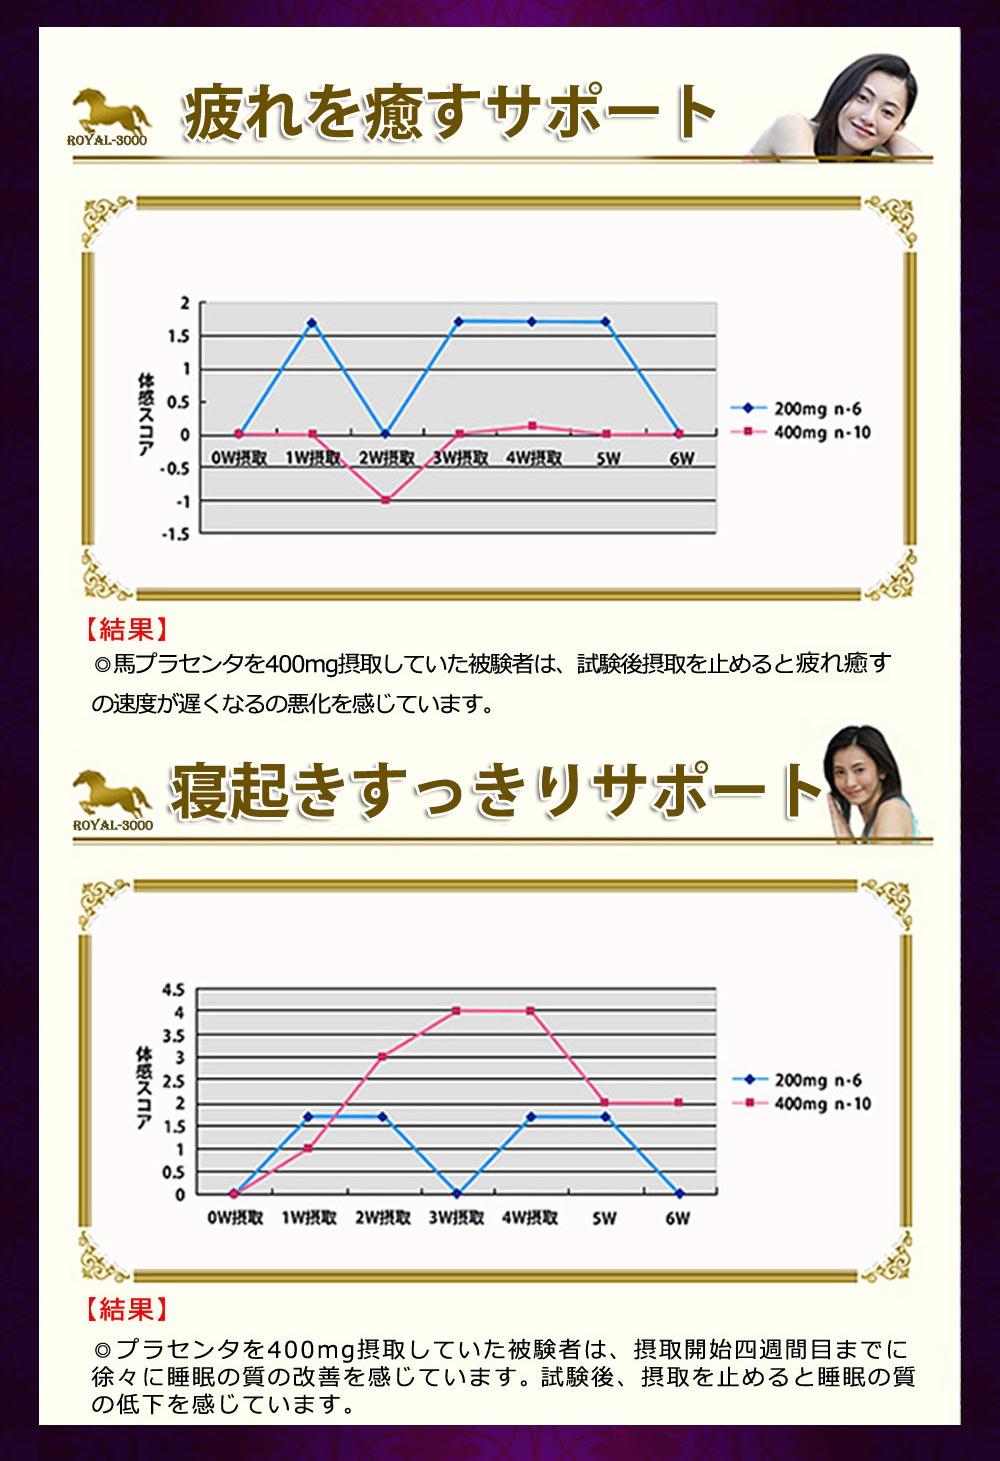 北海道サラブレッドプラセンタ原末 美肌 潤い 睡眠に対して効果データ